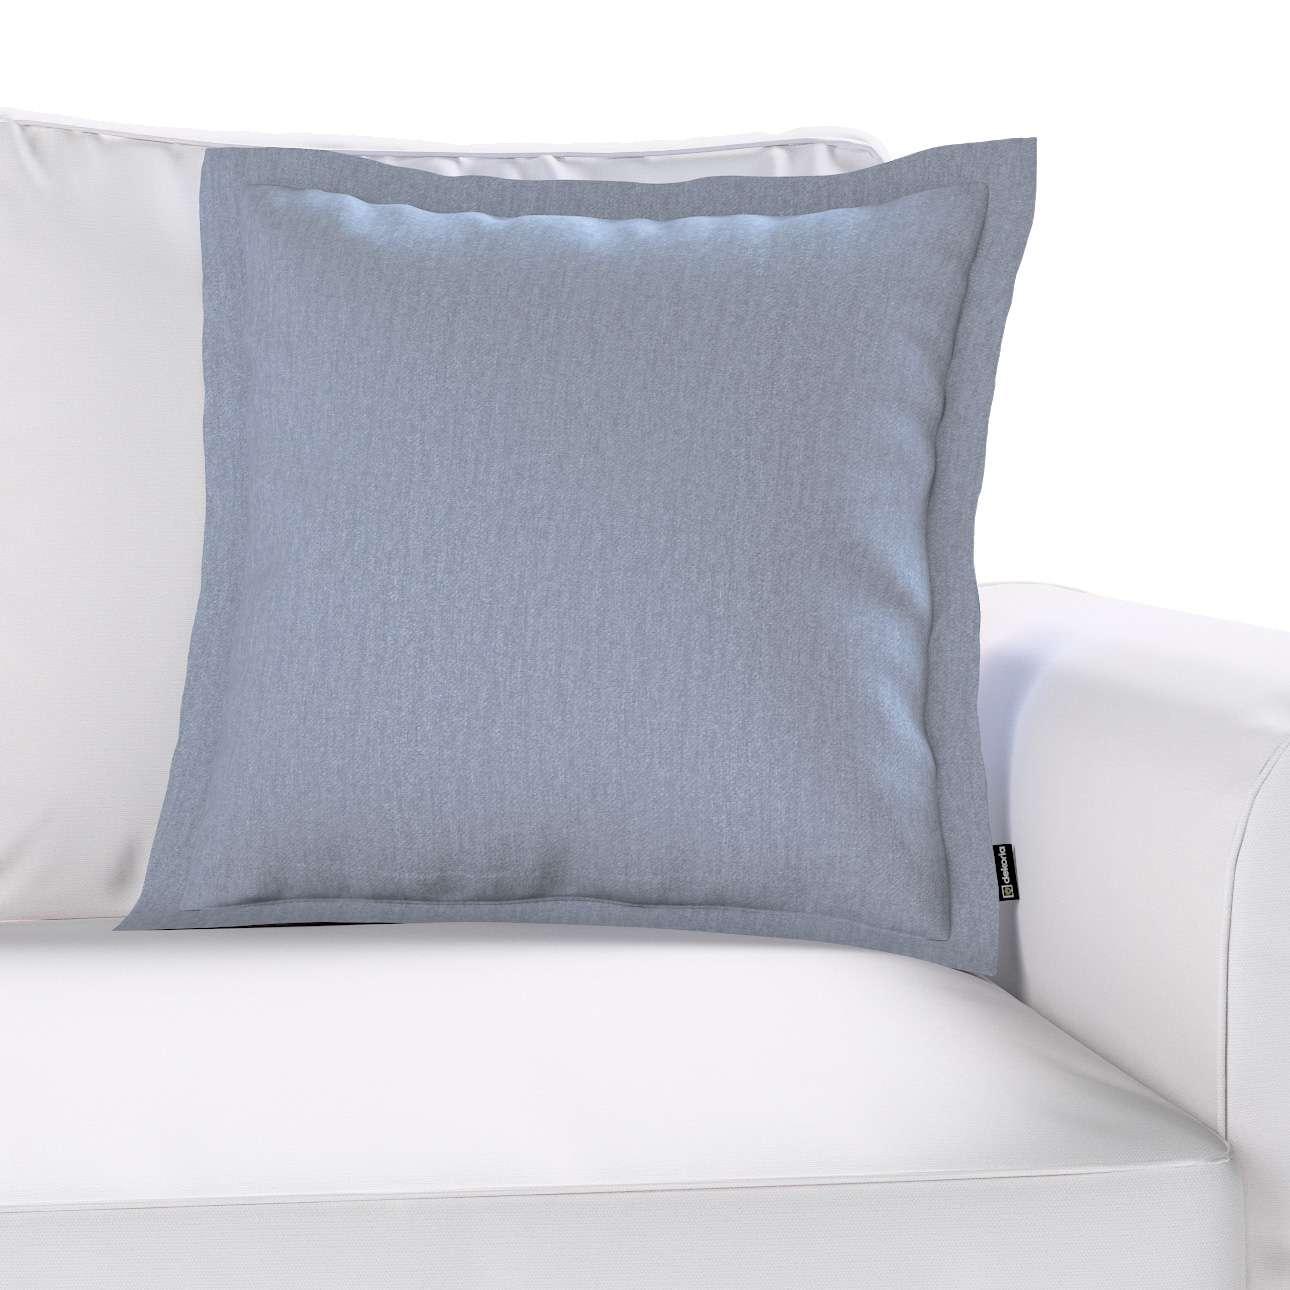 Mona dekoratyvinių pagalvėlių užvalkalas su sienele kolekcijoje Chenille, audinys: 702-13